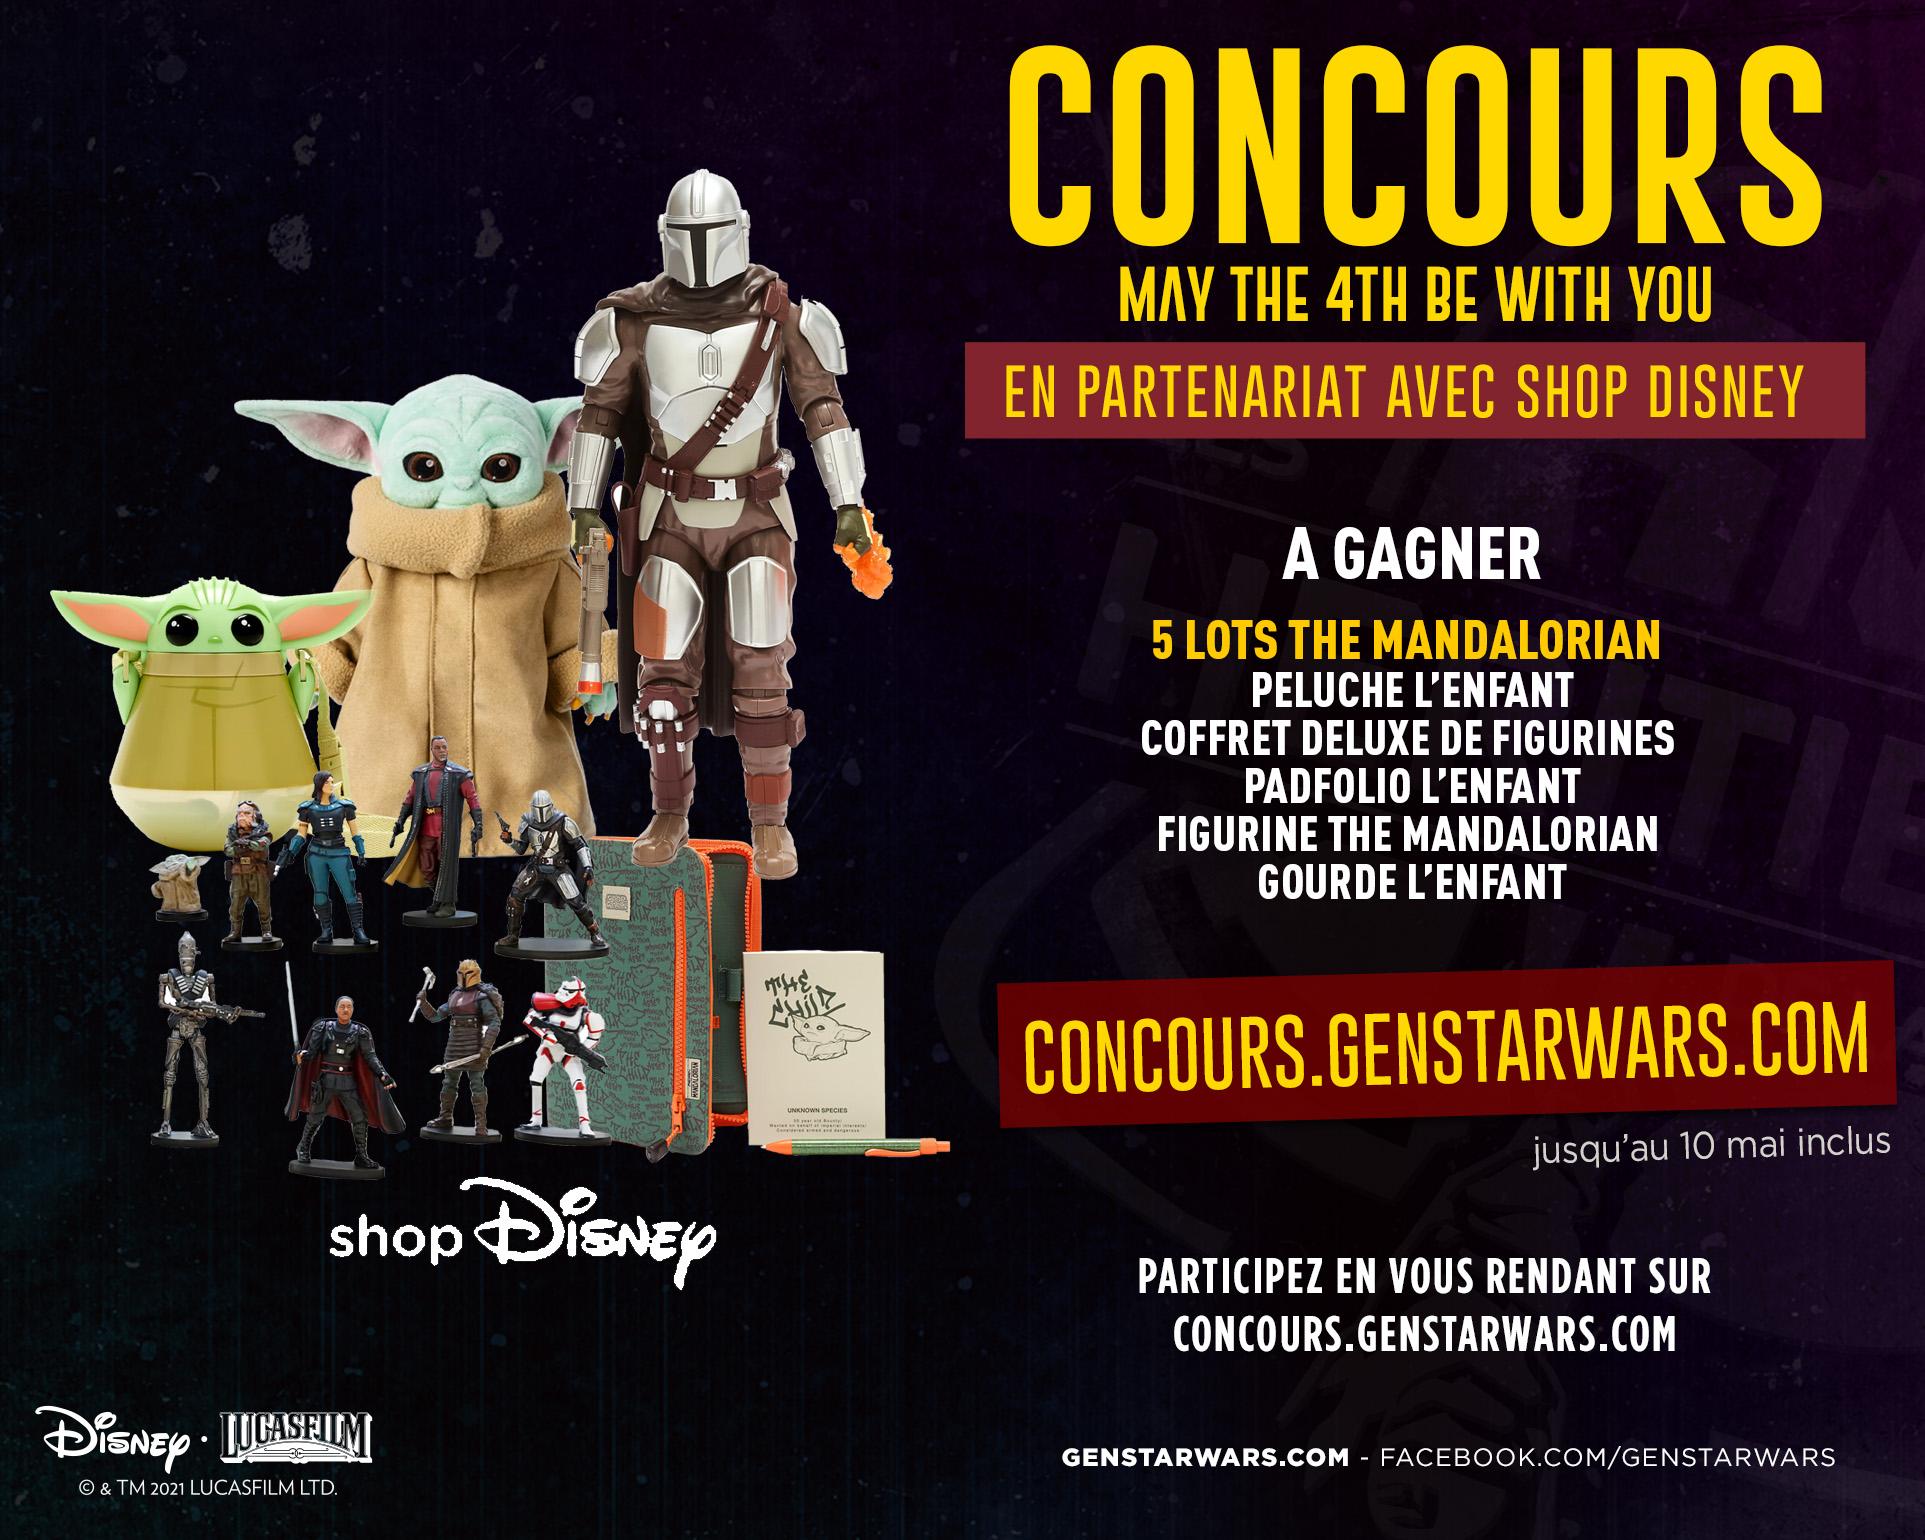 concours_Shop_Disney